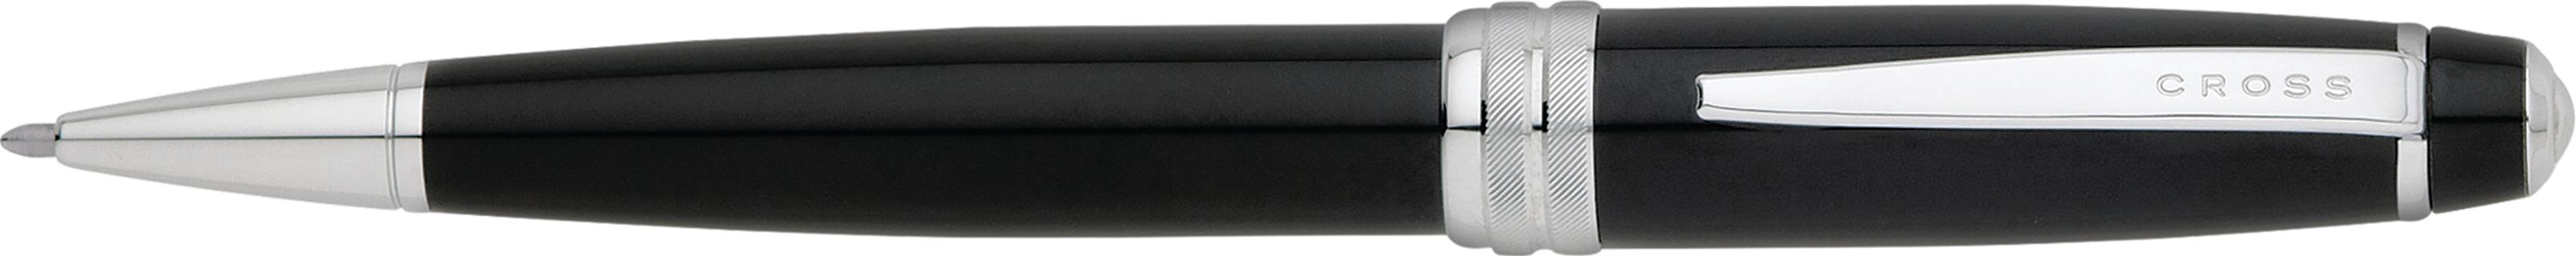 Bailey Black Lacquer Ballpoint Pen